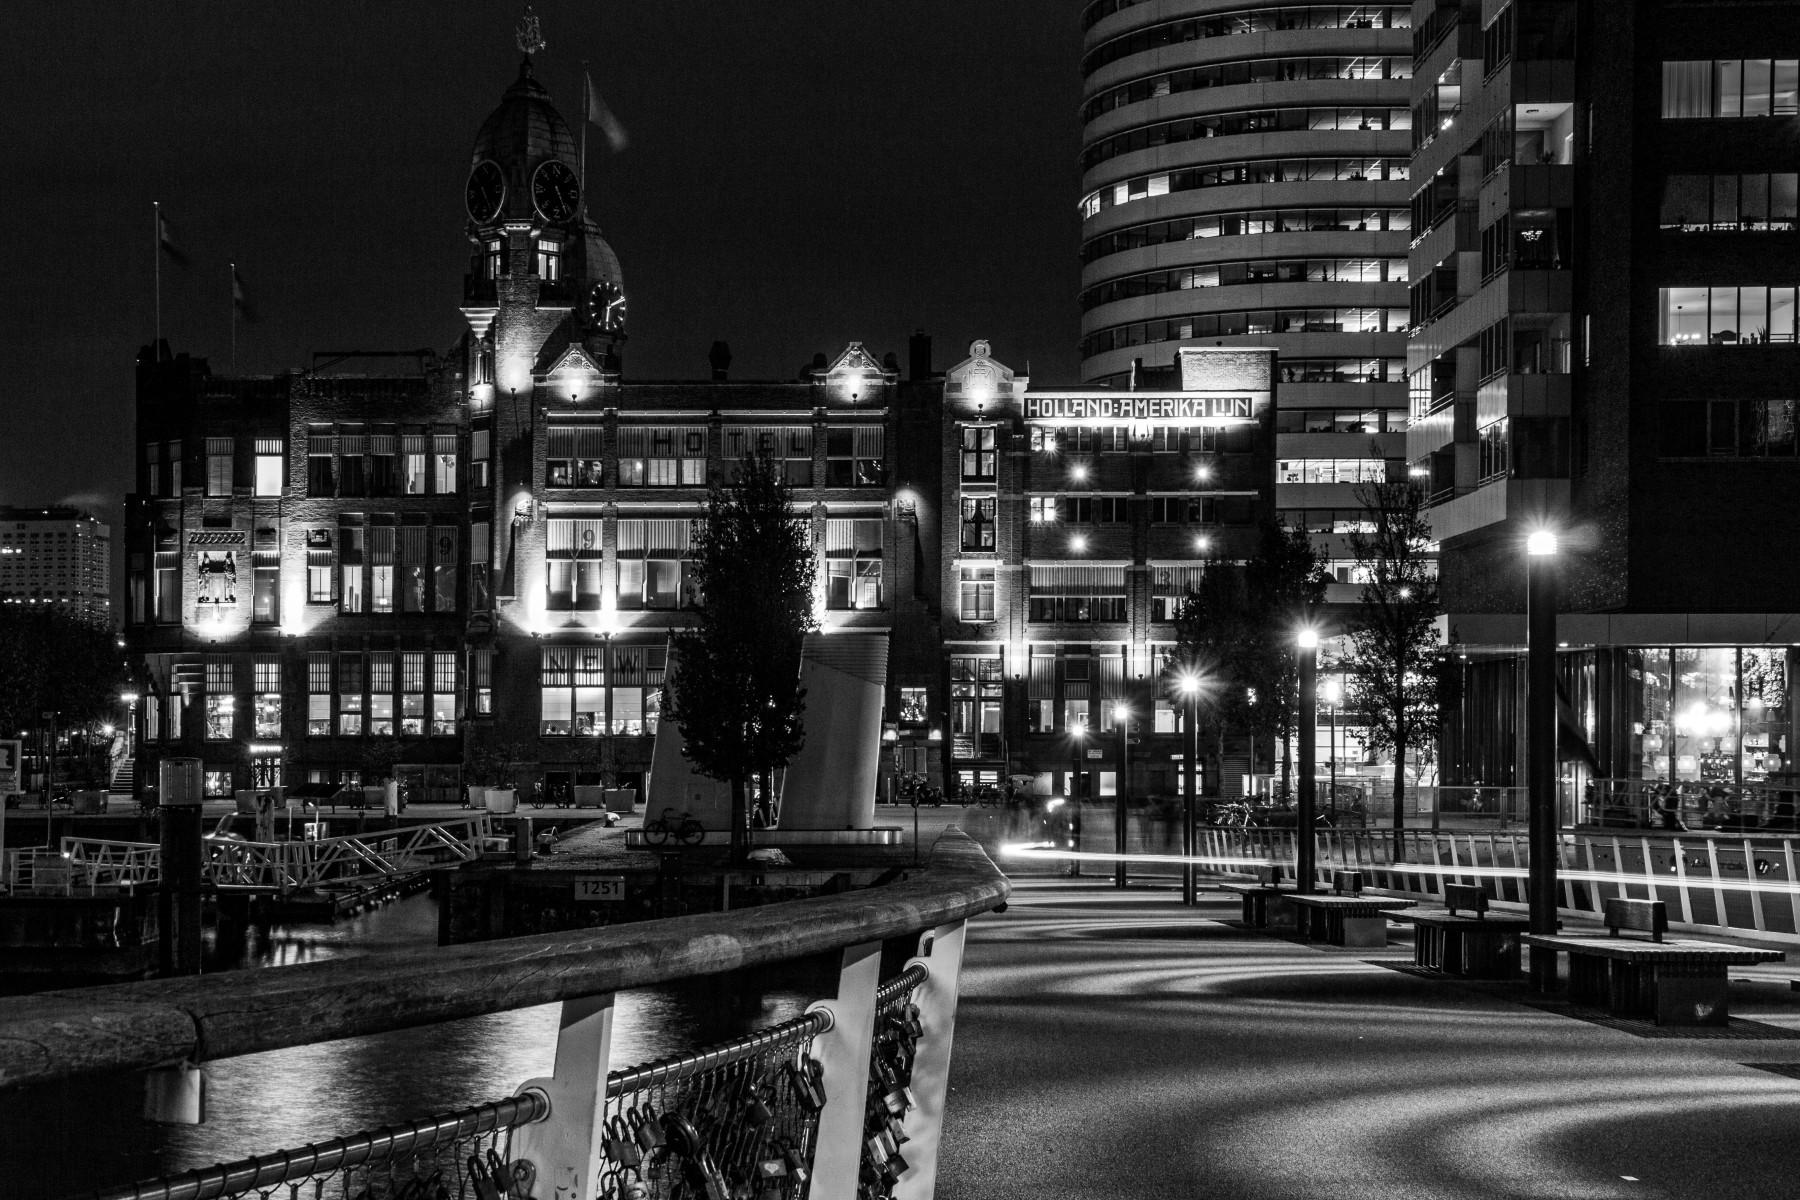 Inge Pfeil: Rotterdam, Kop van Zuid